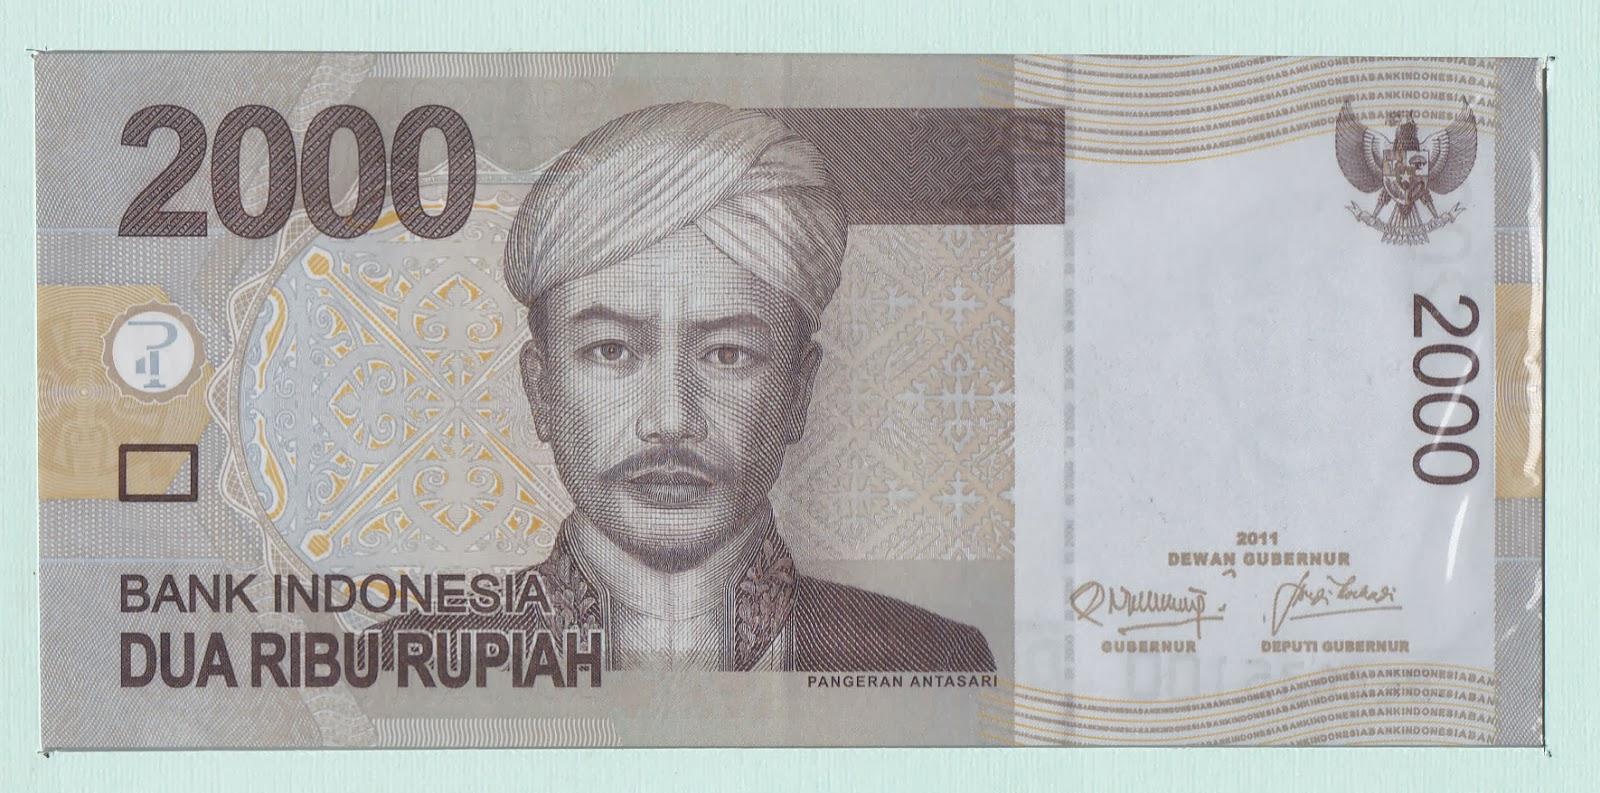 KOLEKSI UANG KERTAS & KOIN DALAM & LUAR NEGERI: Uang 2000 ...